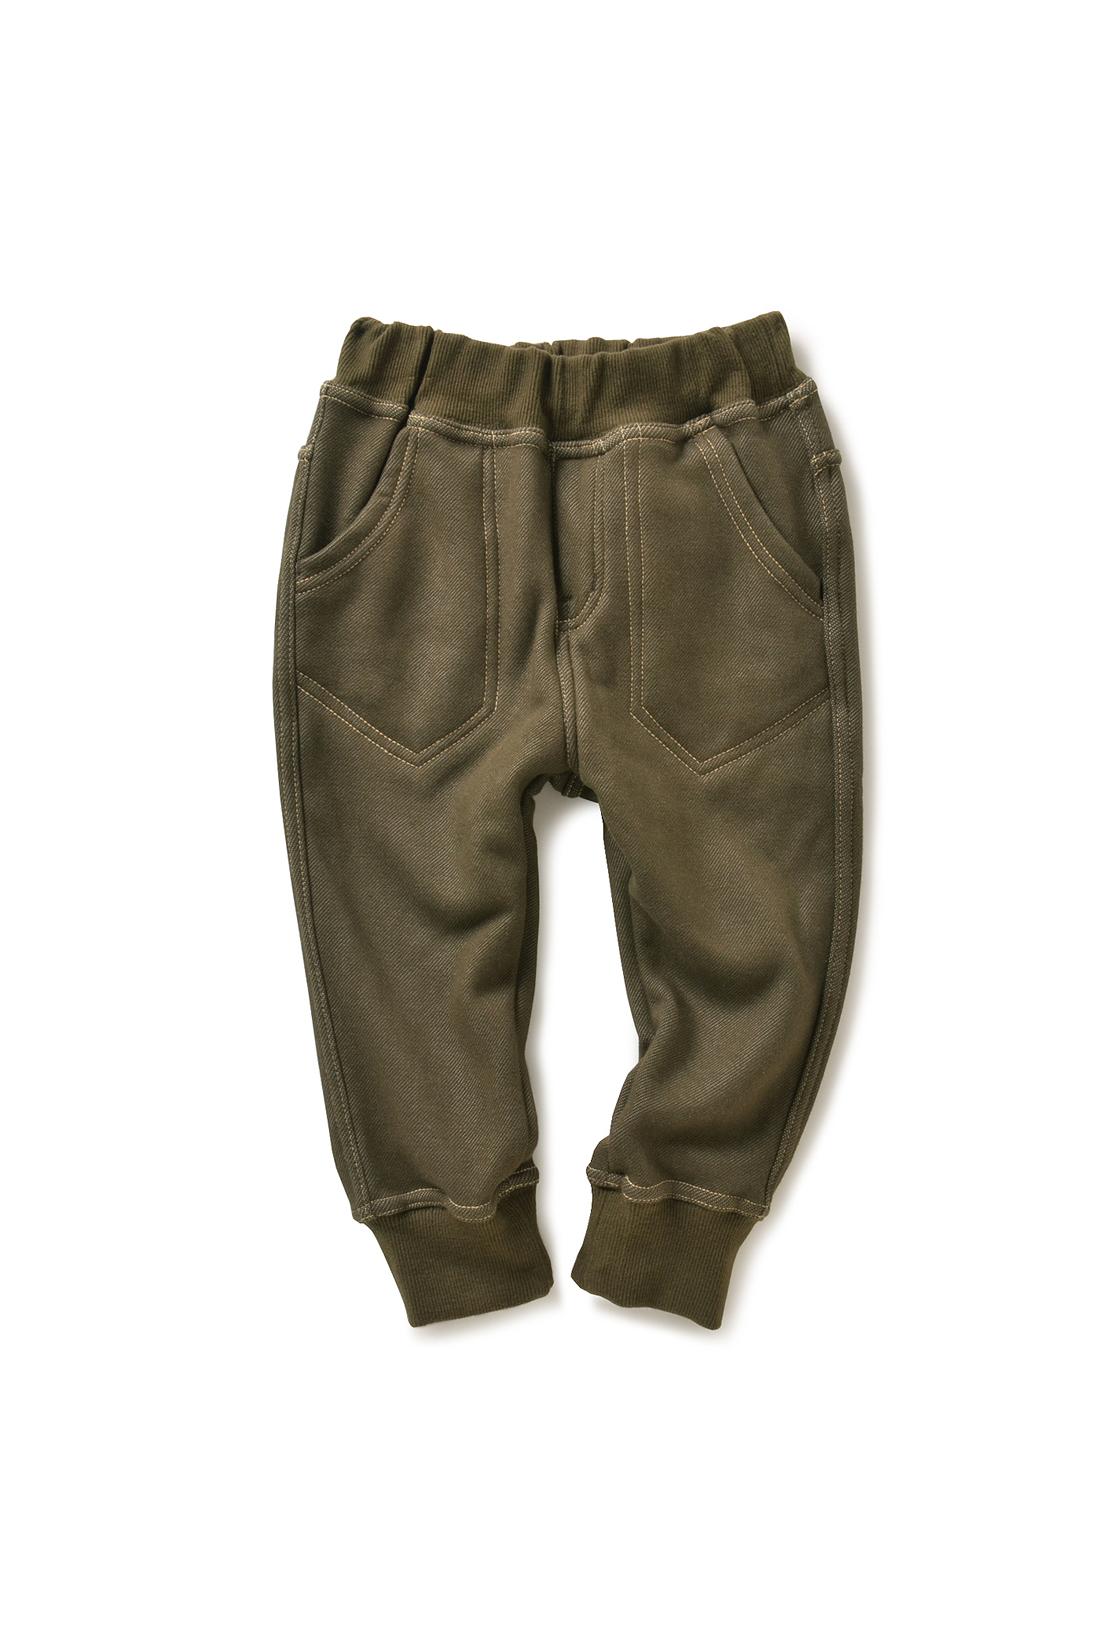 ポケットの内側までボアでぬくぬく。